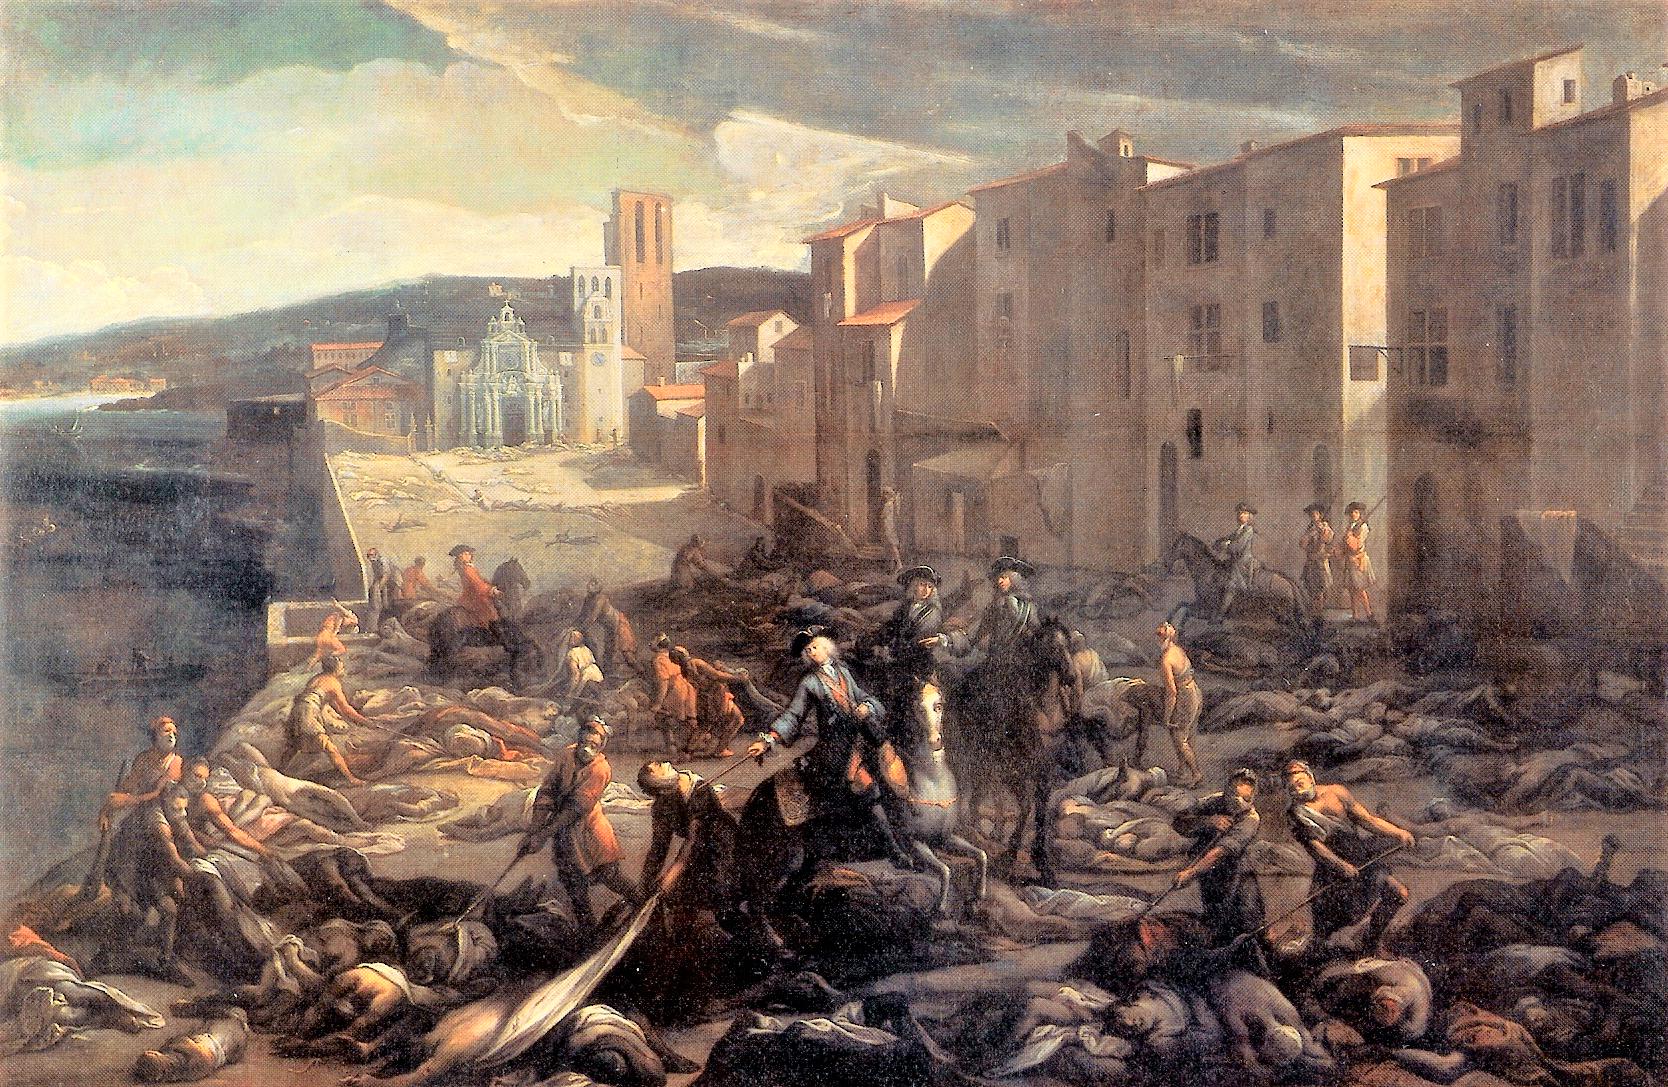 Peste de Marseille 1720